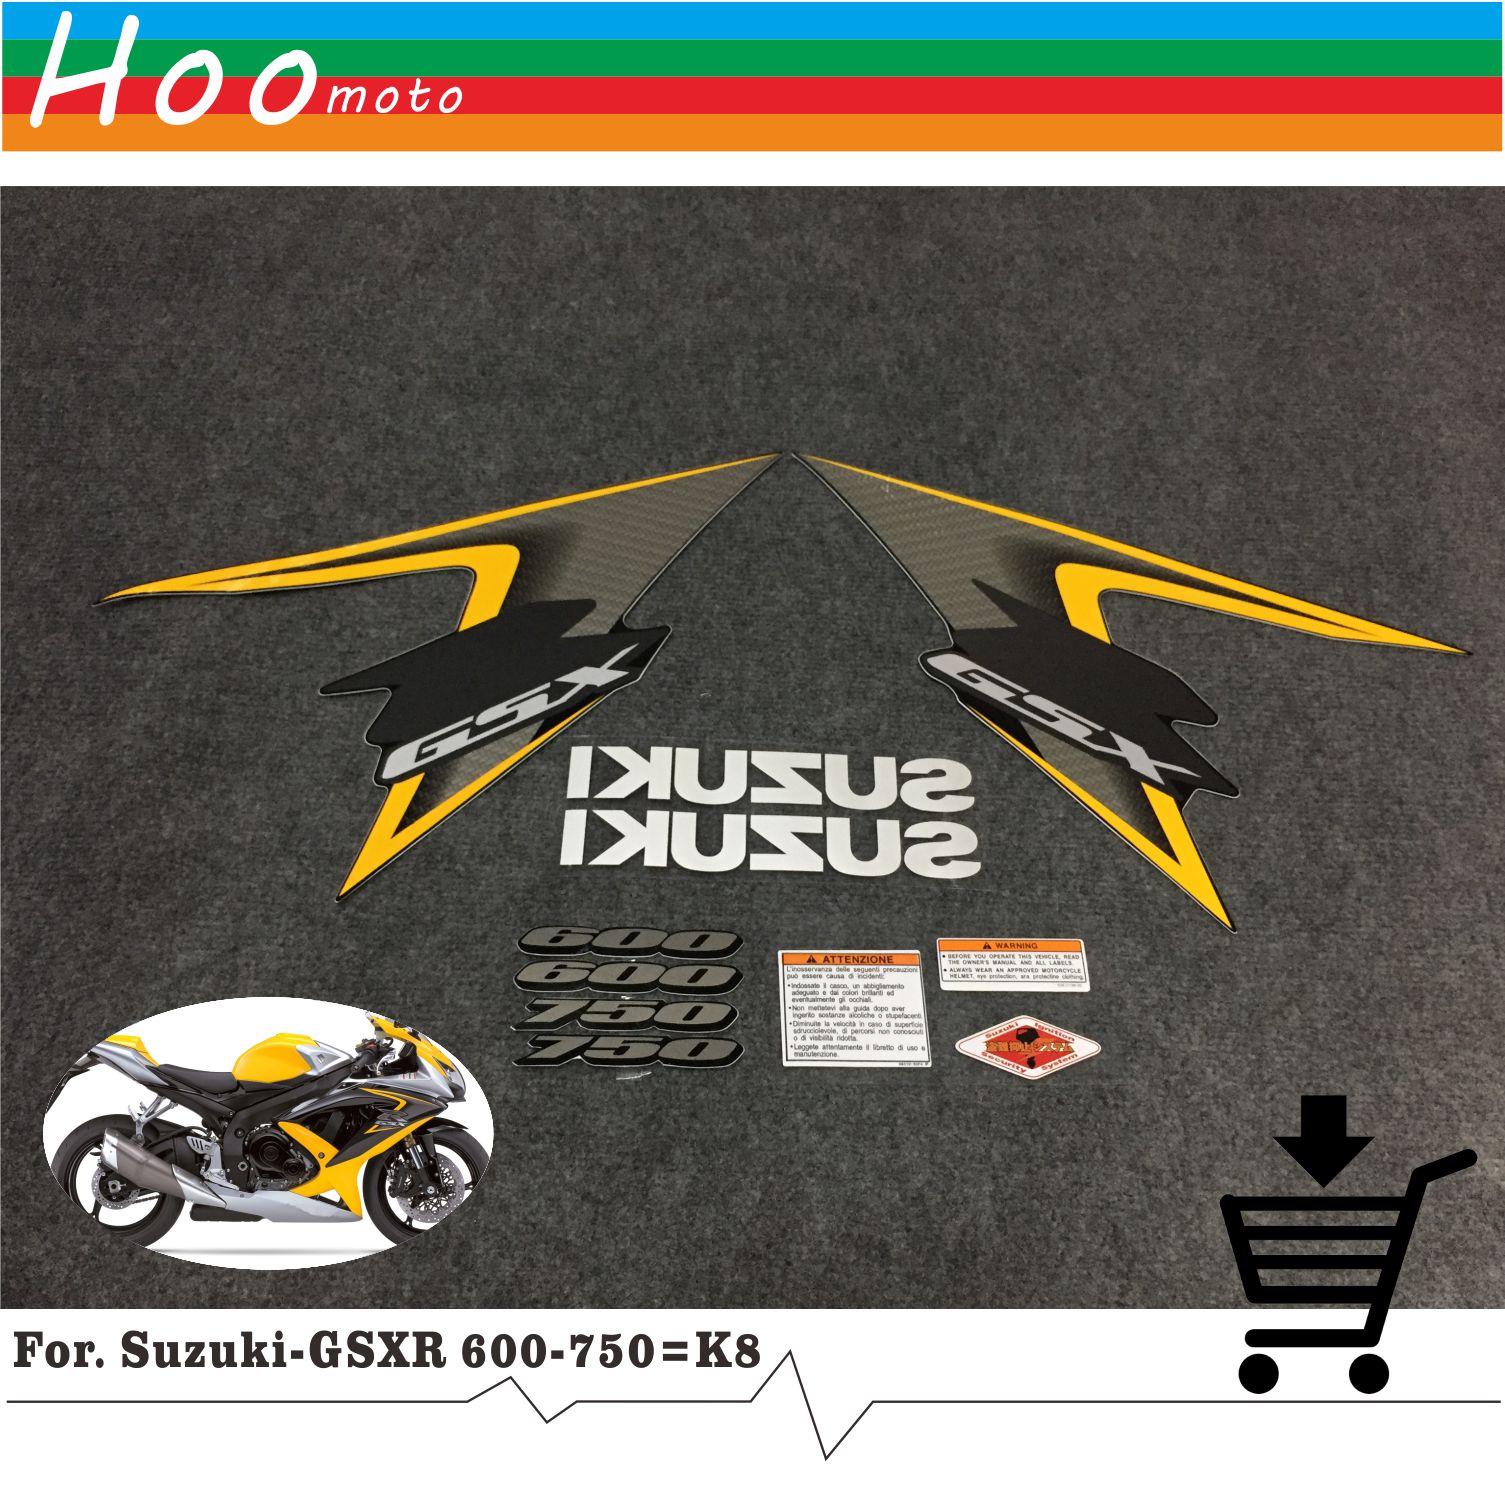 GSXR GSX-R GSX R 600 750 K8 08 лет высокое качество наклейки Стикеры мотоциклетные автомобиль-Стайлинг Стикеры s для Suzuki наклейки Стикеры MOTO